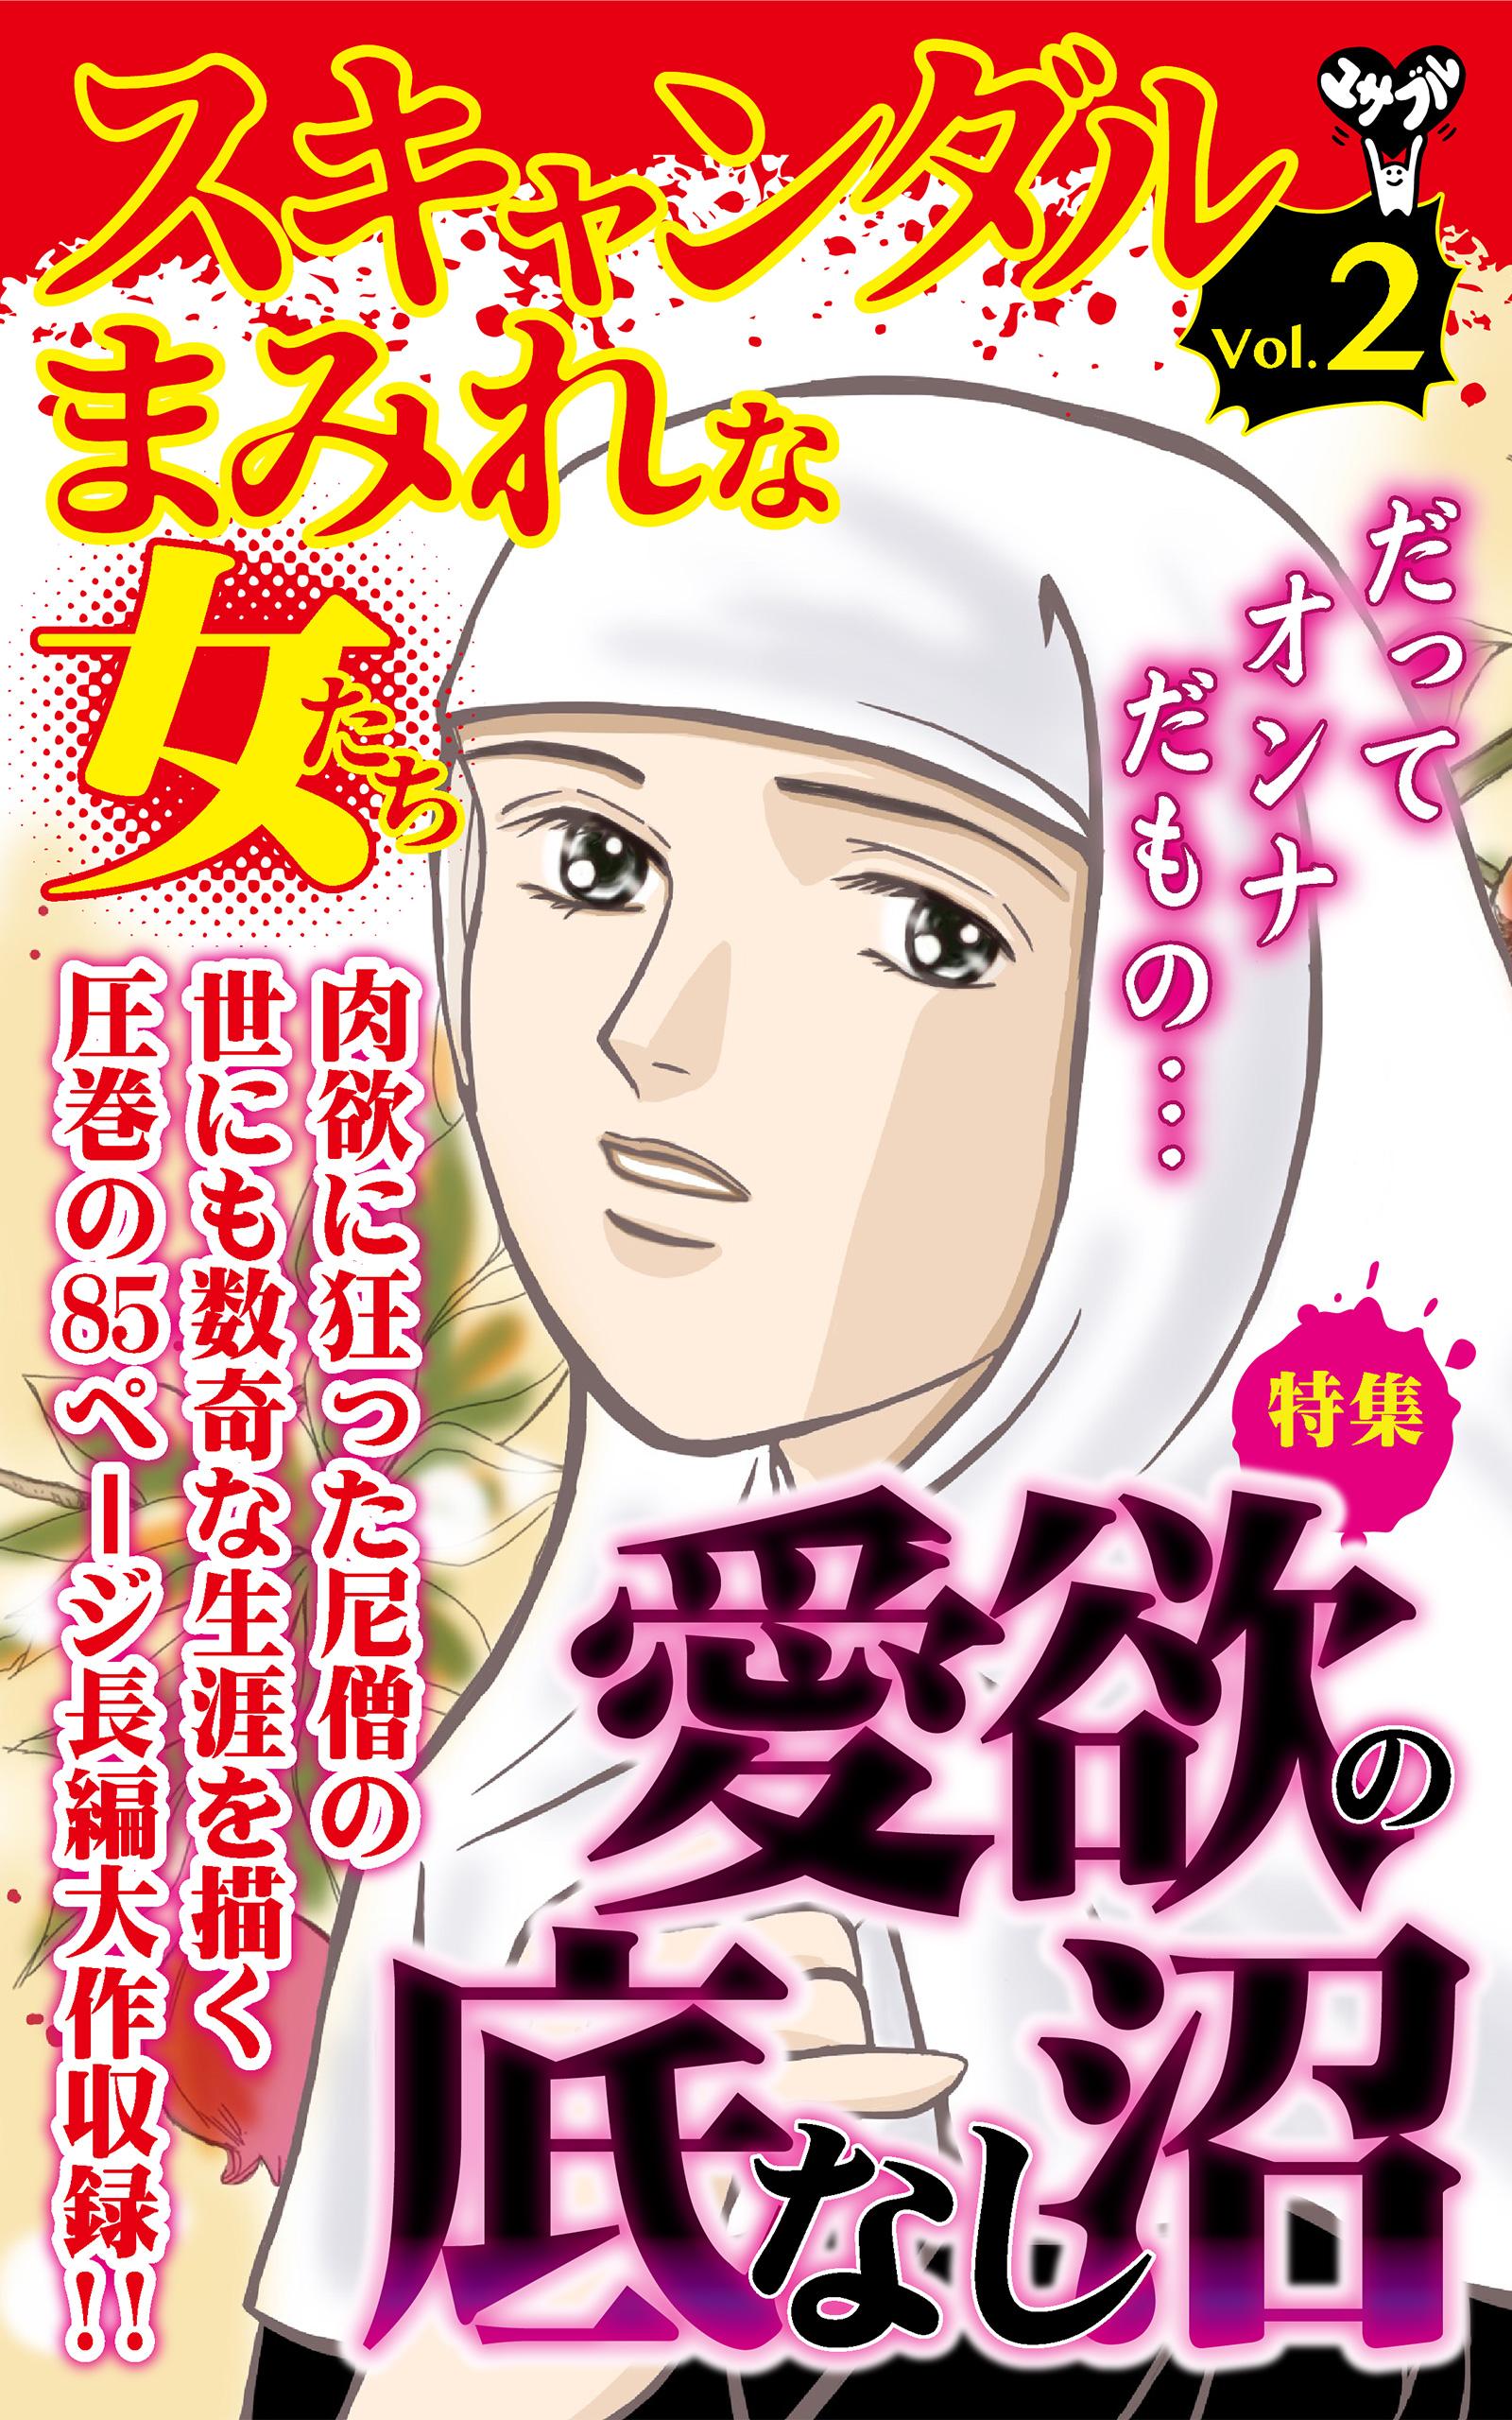 スキャンダルまみれな女たちVol.2(愛する娘を悪徳新興宗教から取り戻せ!!)